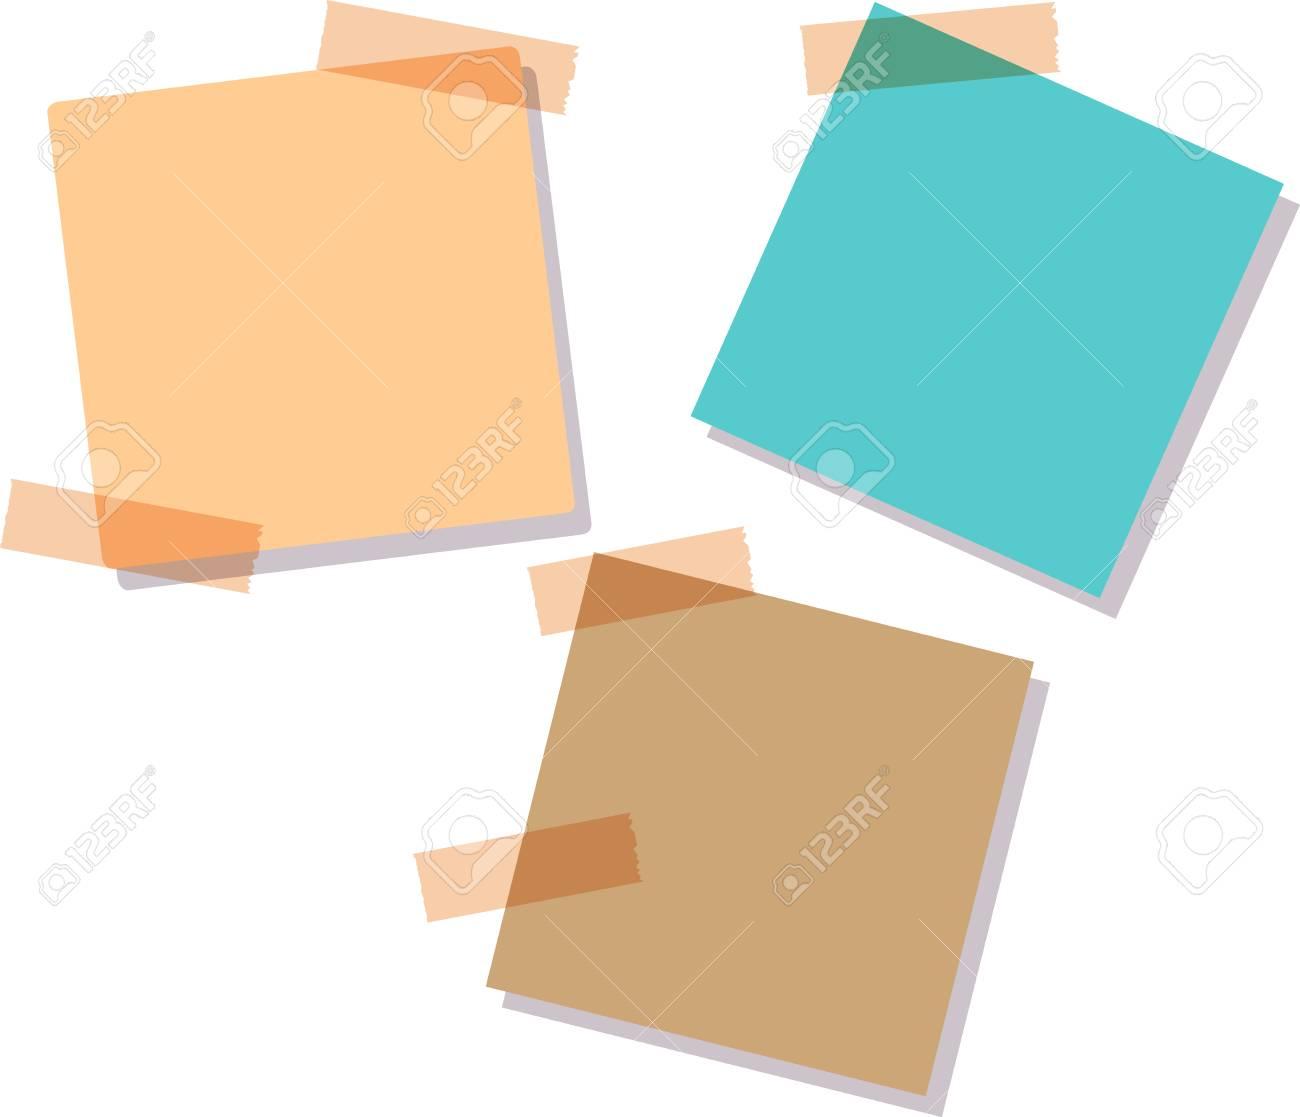 付箋の色セットのイラストです付箋の色セットのイラストです付箋紙は